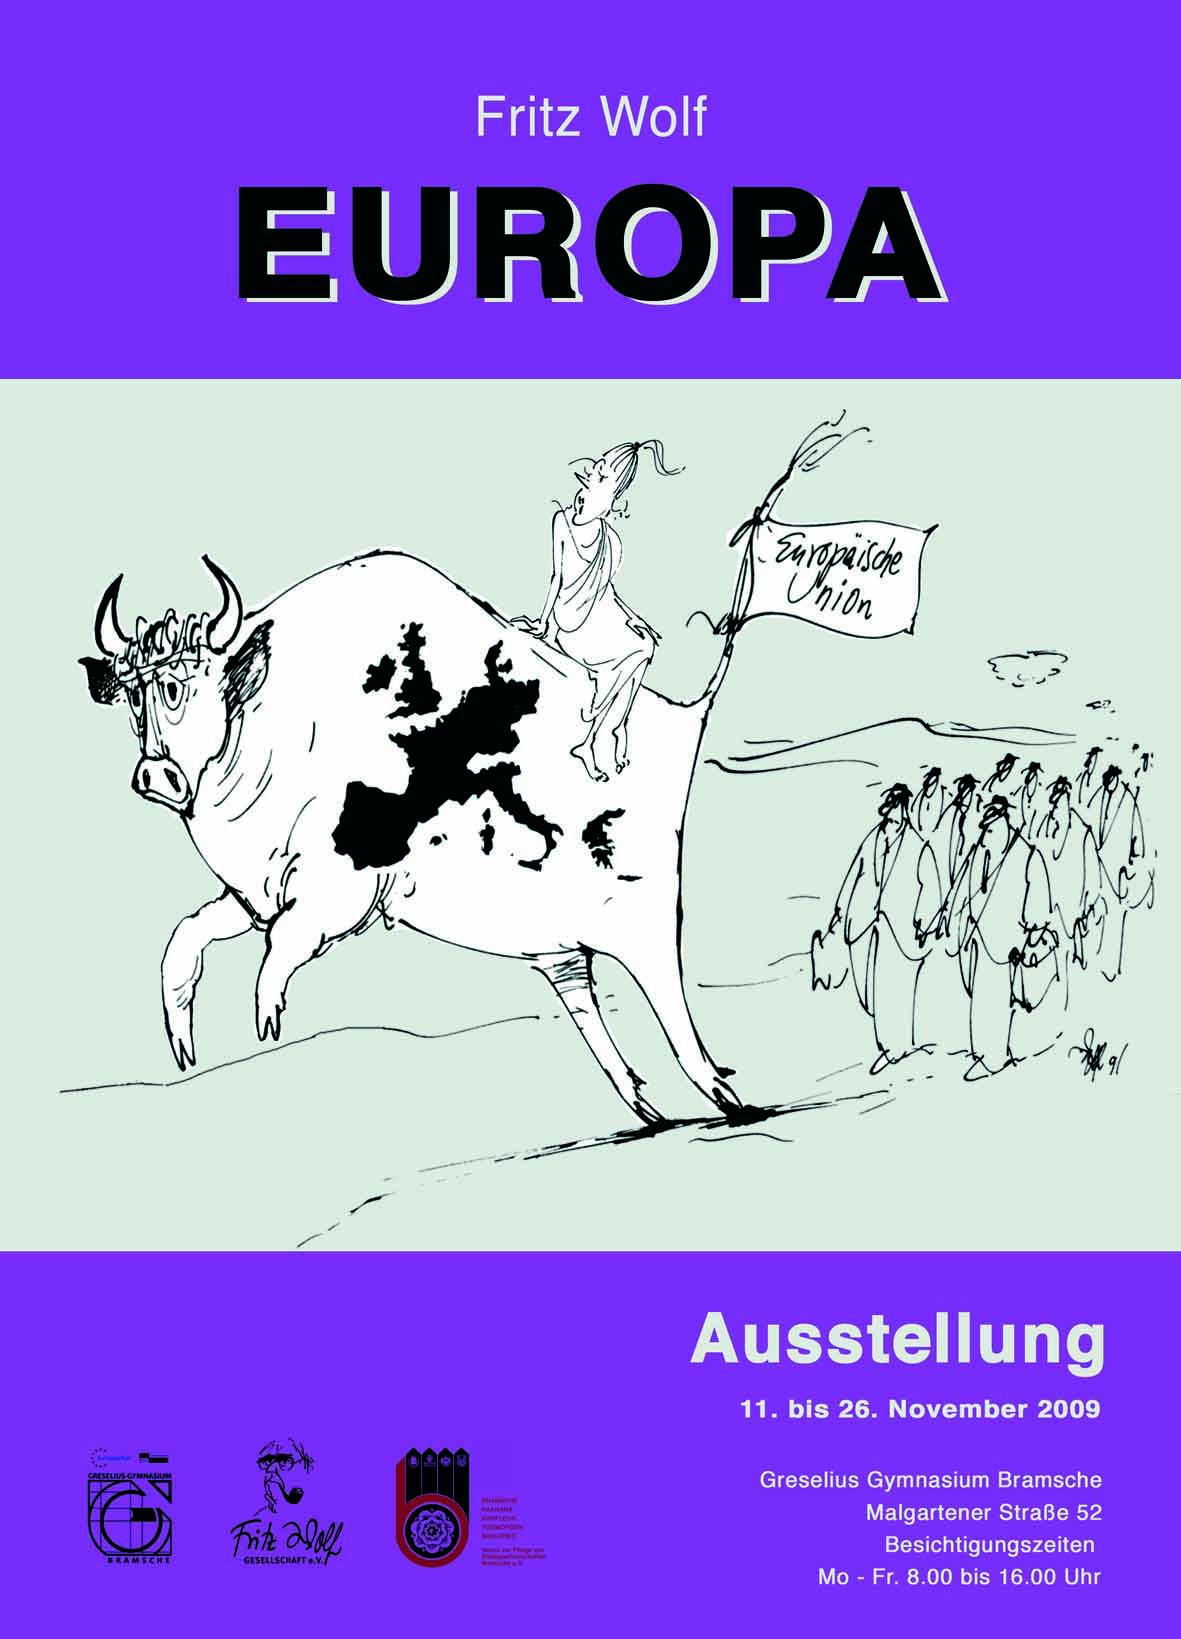 karikaturen zu aktuellen politischen themen